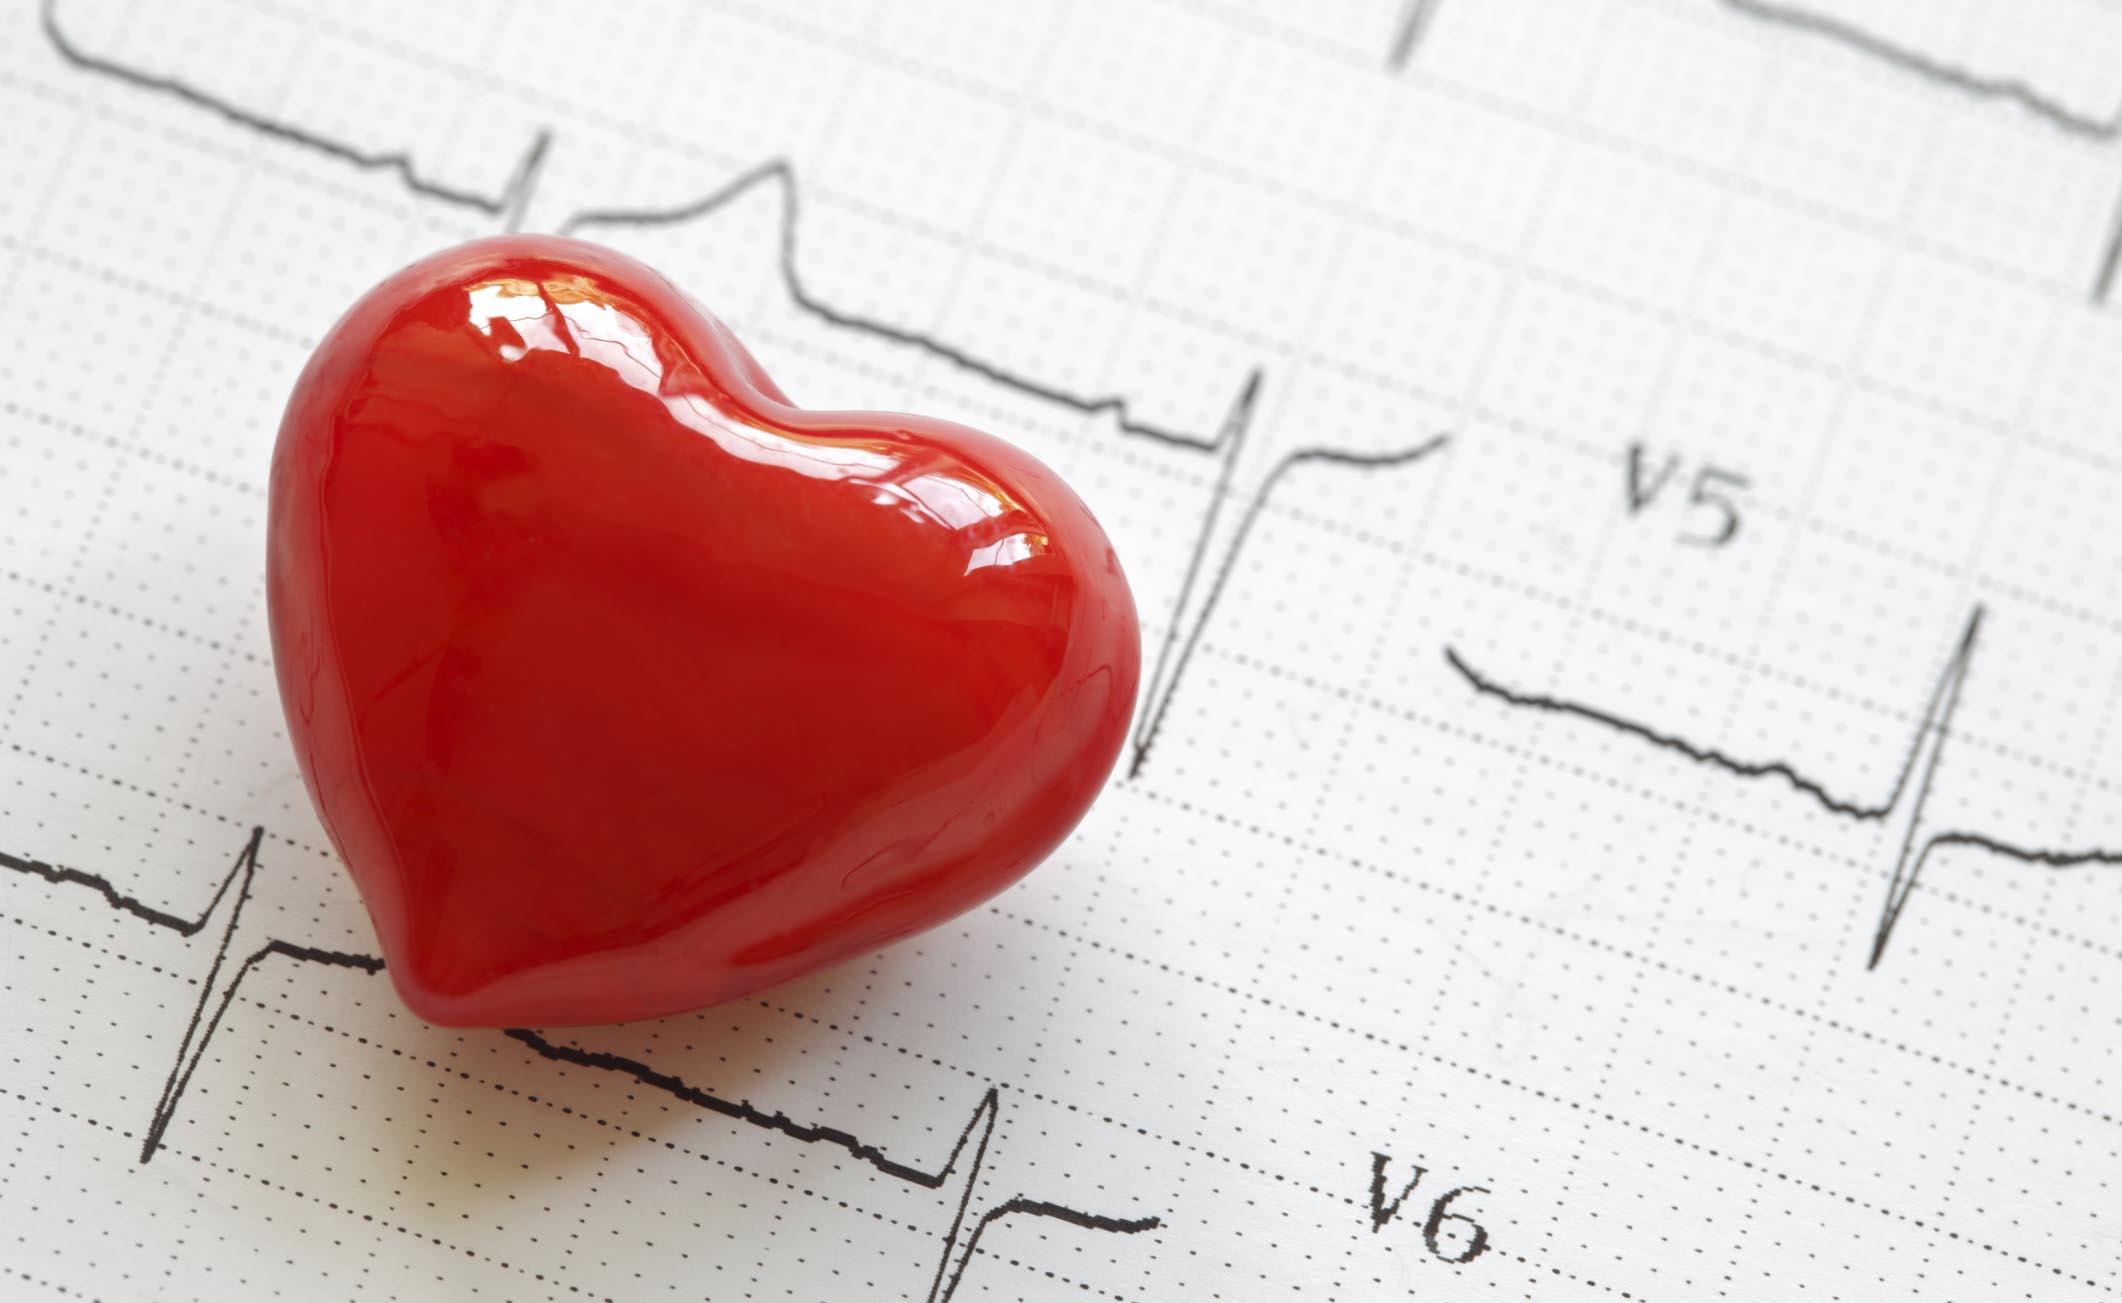 Nuove analisi del sangue per escludere i rischi di infarto